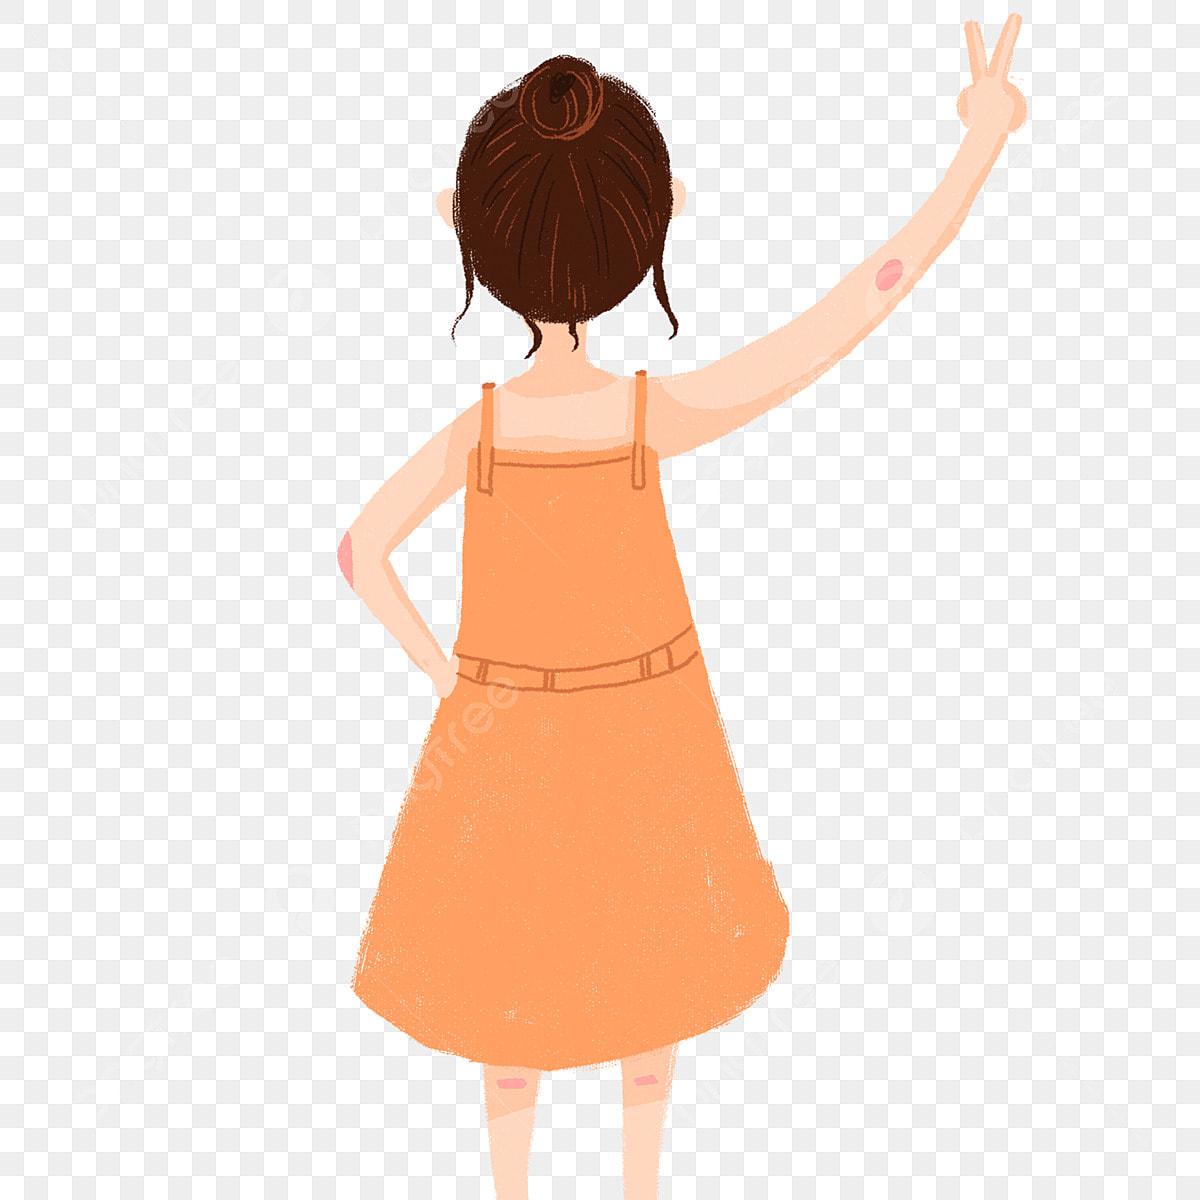 فتاة ظهر شخصية للرسوم المتحركة شخصية مرسومة باليد رفعت فتاة